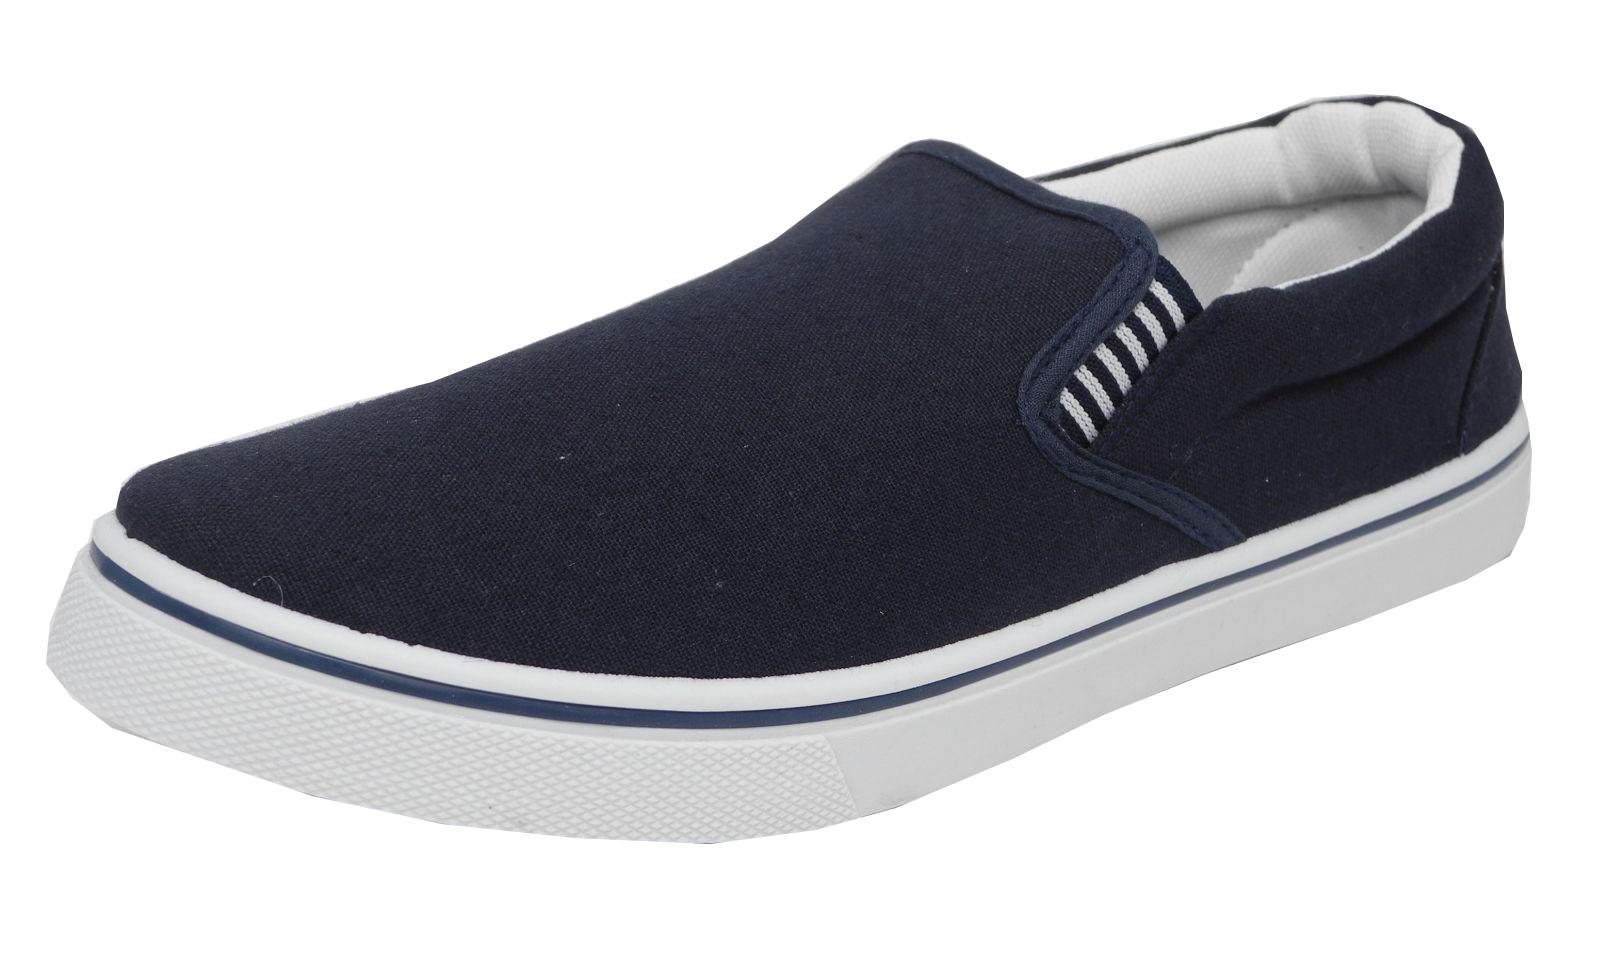 Mens Blue Canvas Deck Shoes